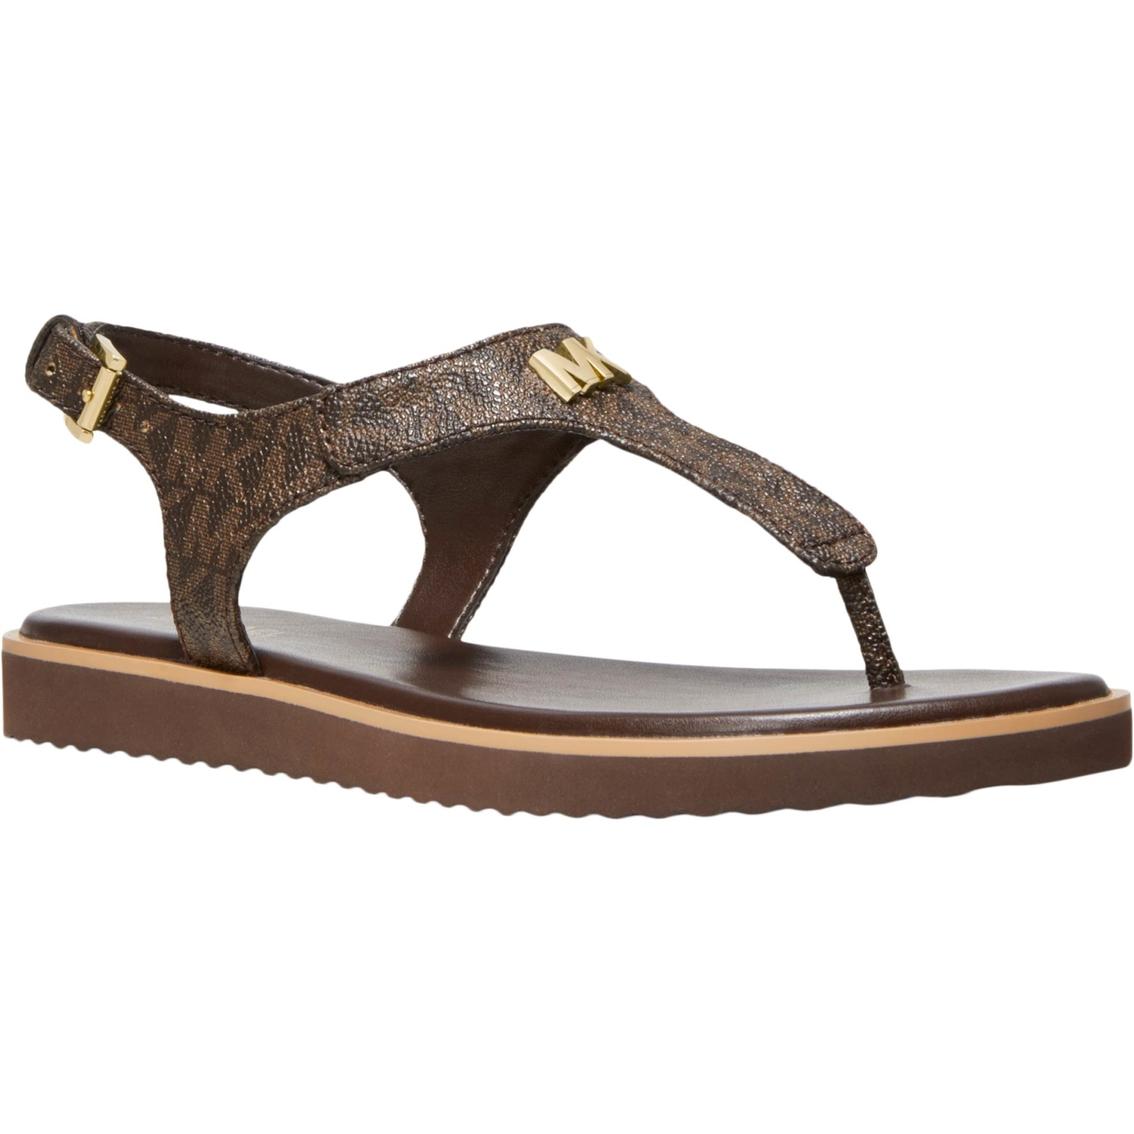 d41d1349451f Michael Kors Brady Thong Sandals   Flats   Shoes   Shop The Exchange